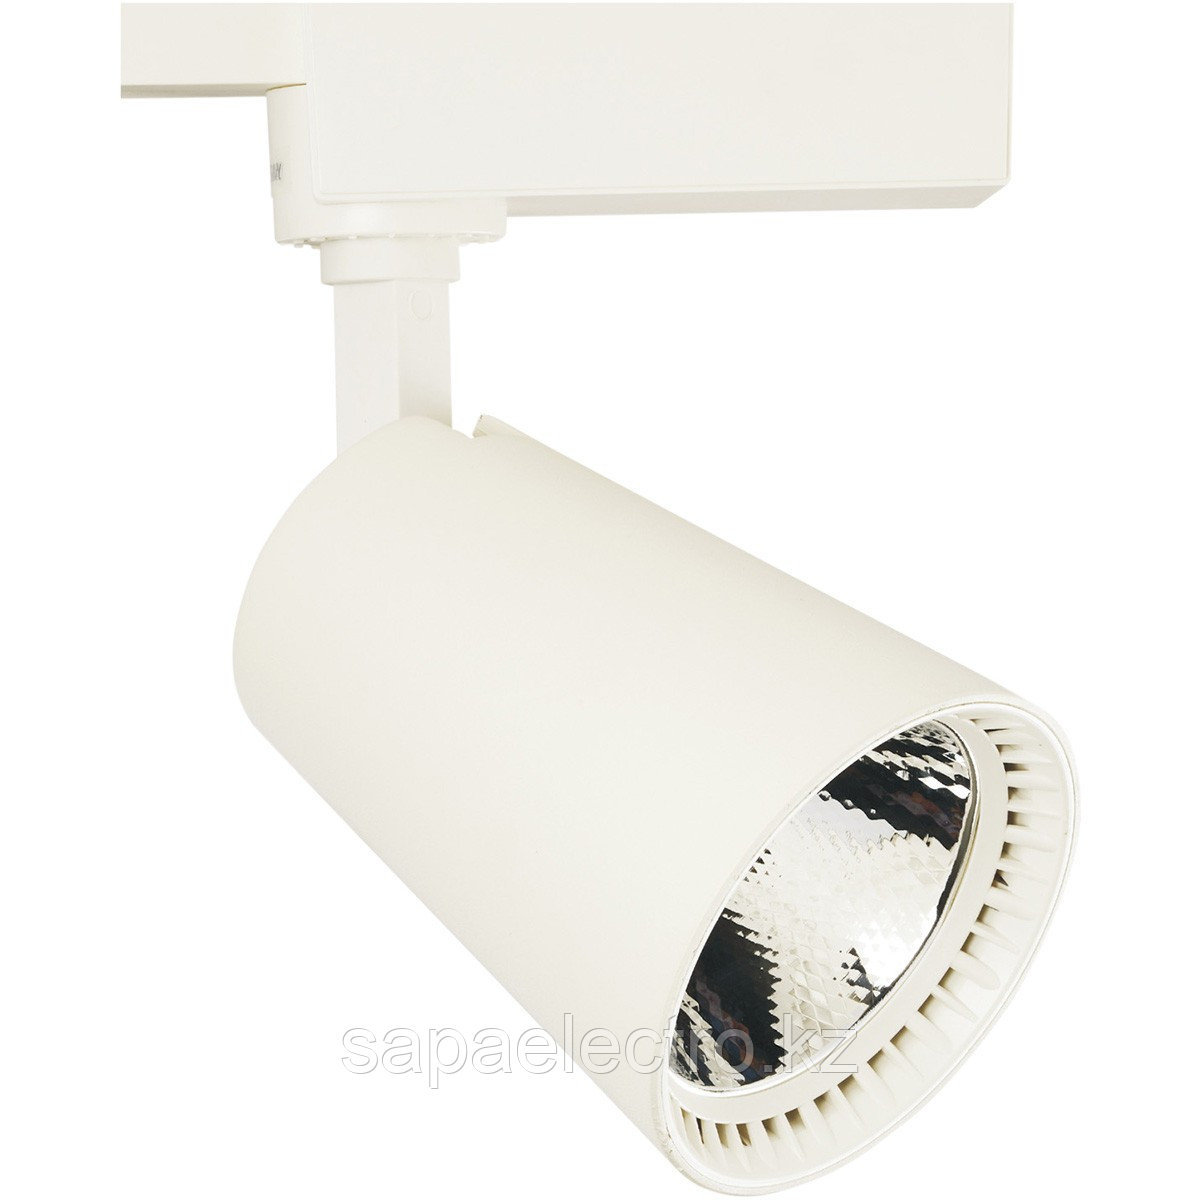 Свет-к LED LS-002-105 (9018L) 30W 6000K WHITE (TS)2